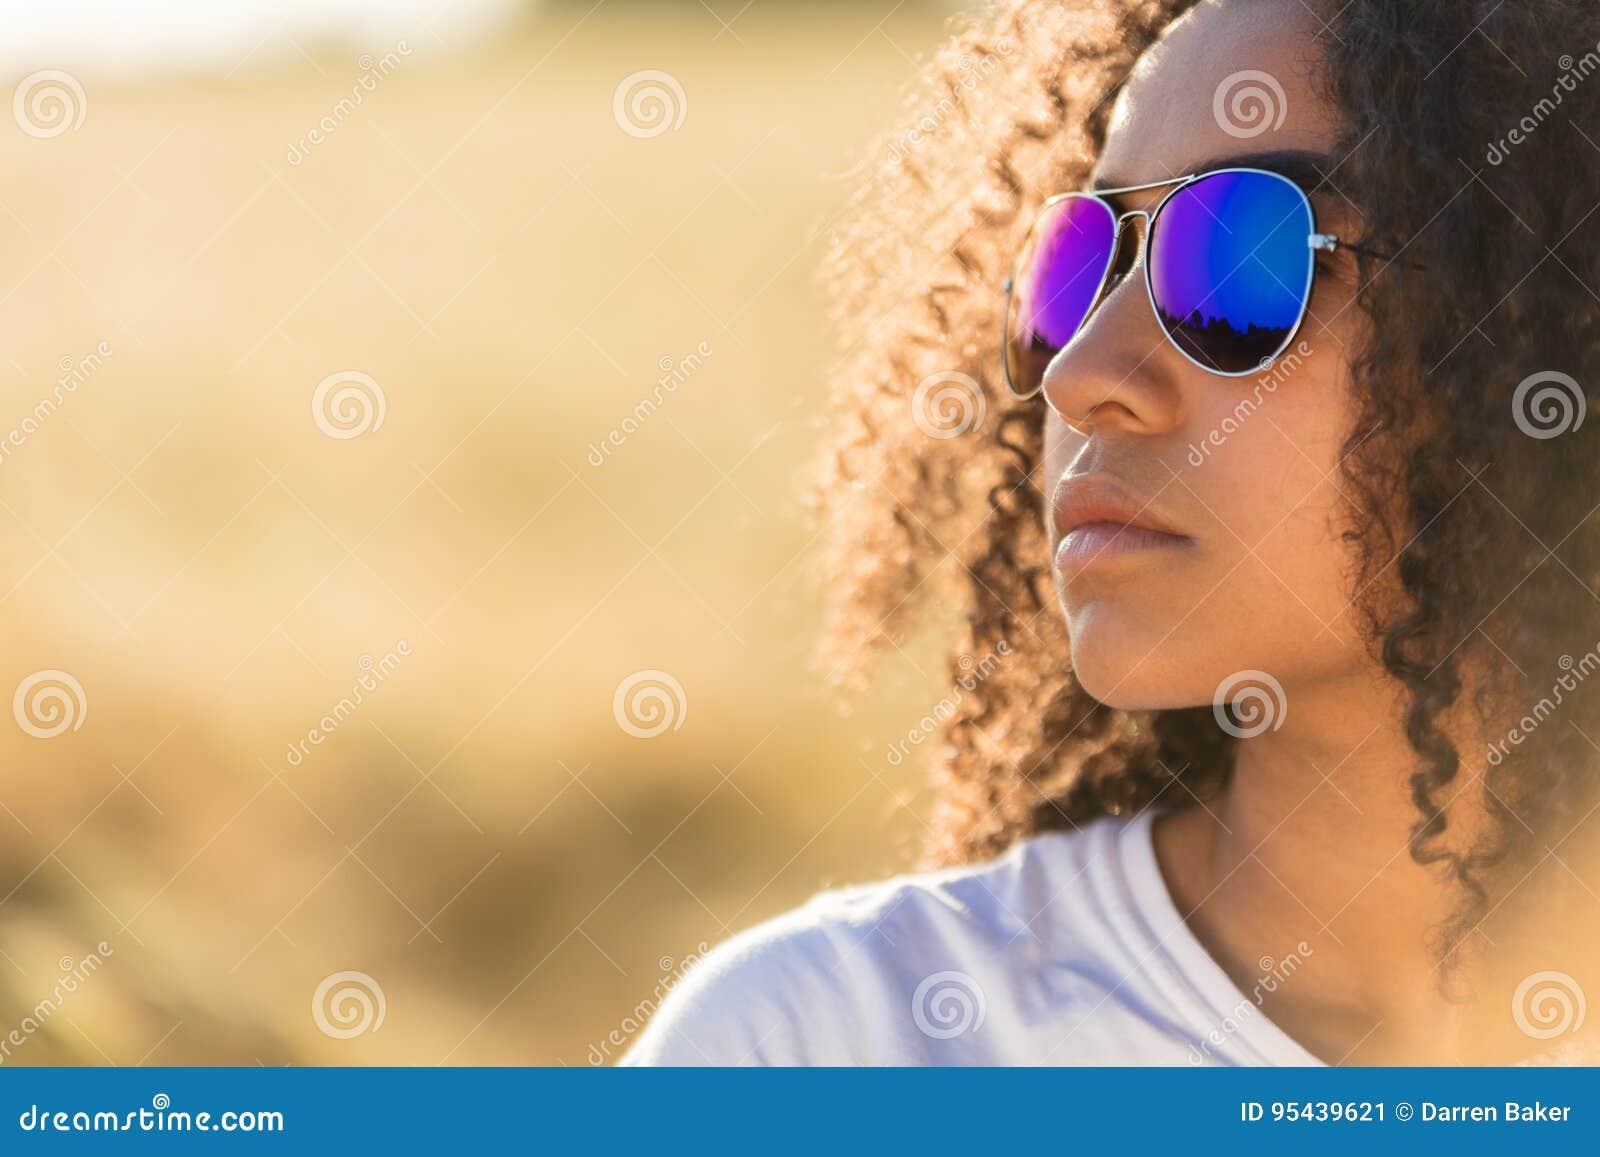 5 Lunettes De Soleil De Soleil D Enfant De Fille D Afro